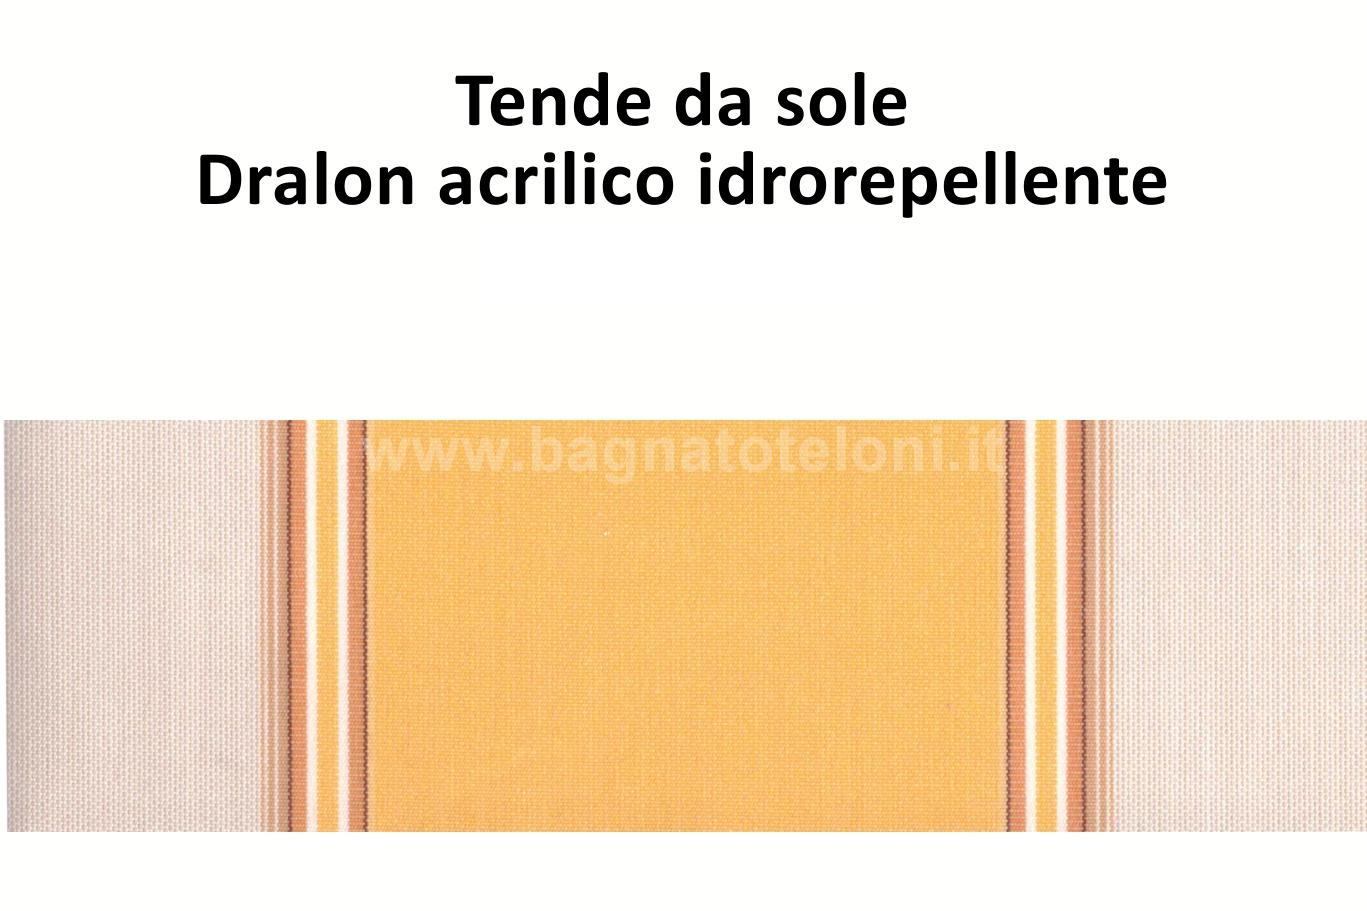 tende da sole dralon acrilico idrorepellente rigato giallo